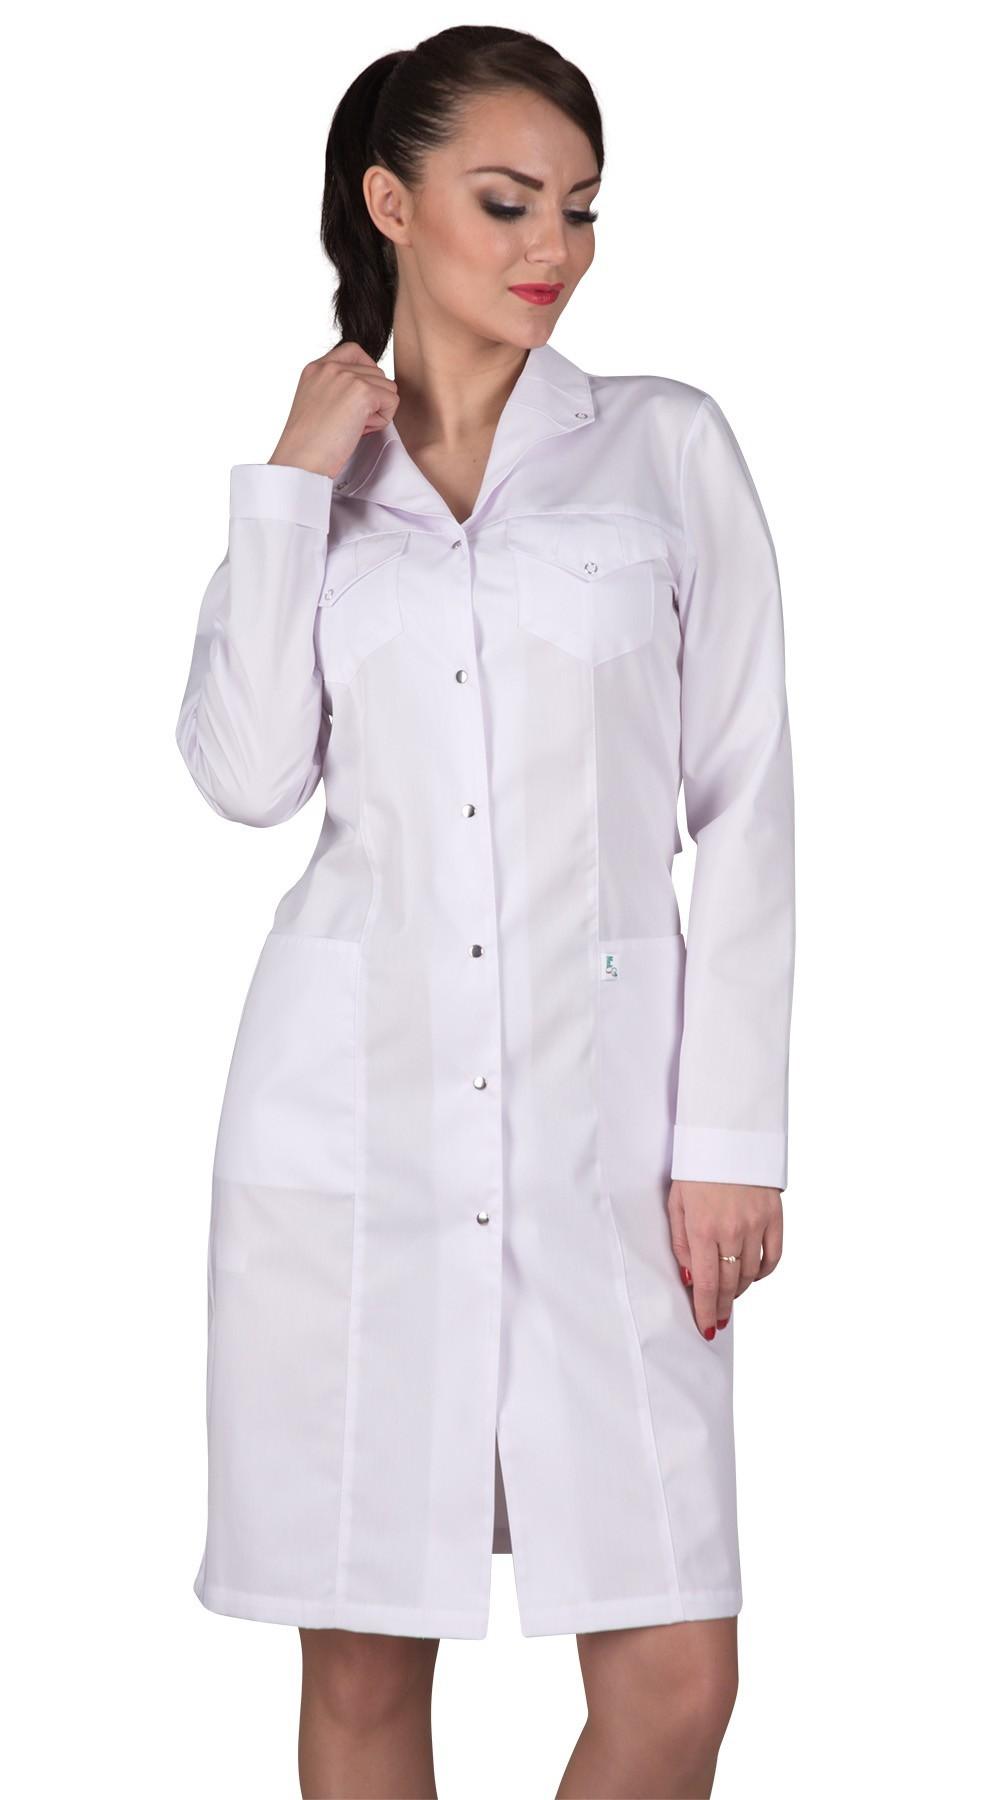 Женский медицинский халат длины до колена прямого фасона.